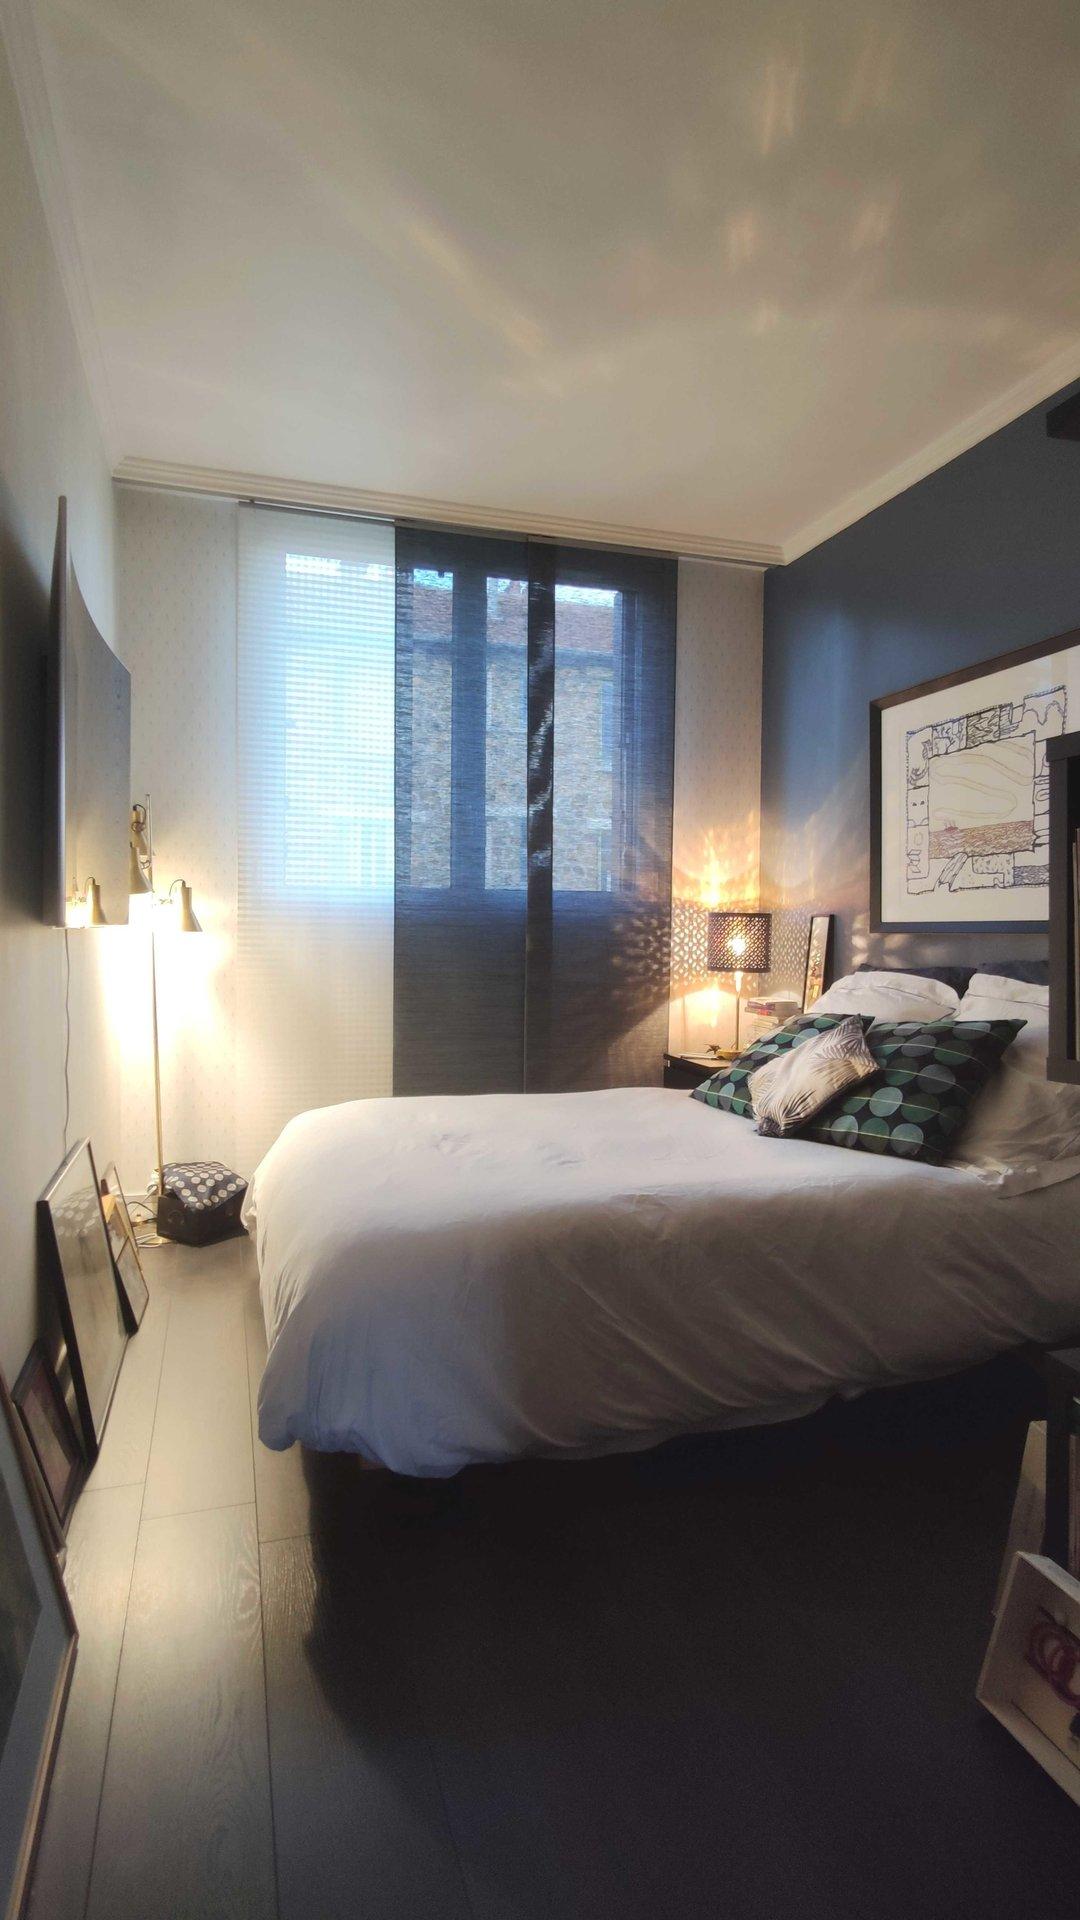 Sale Apartment - Versailles Montreuil